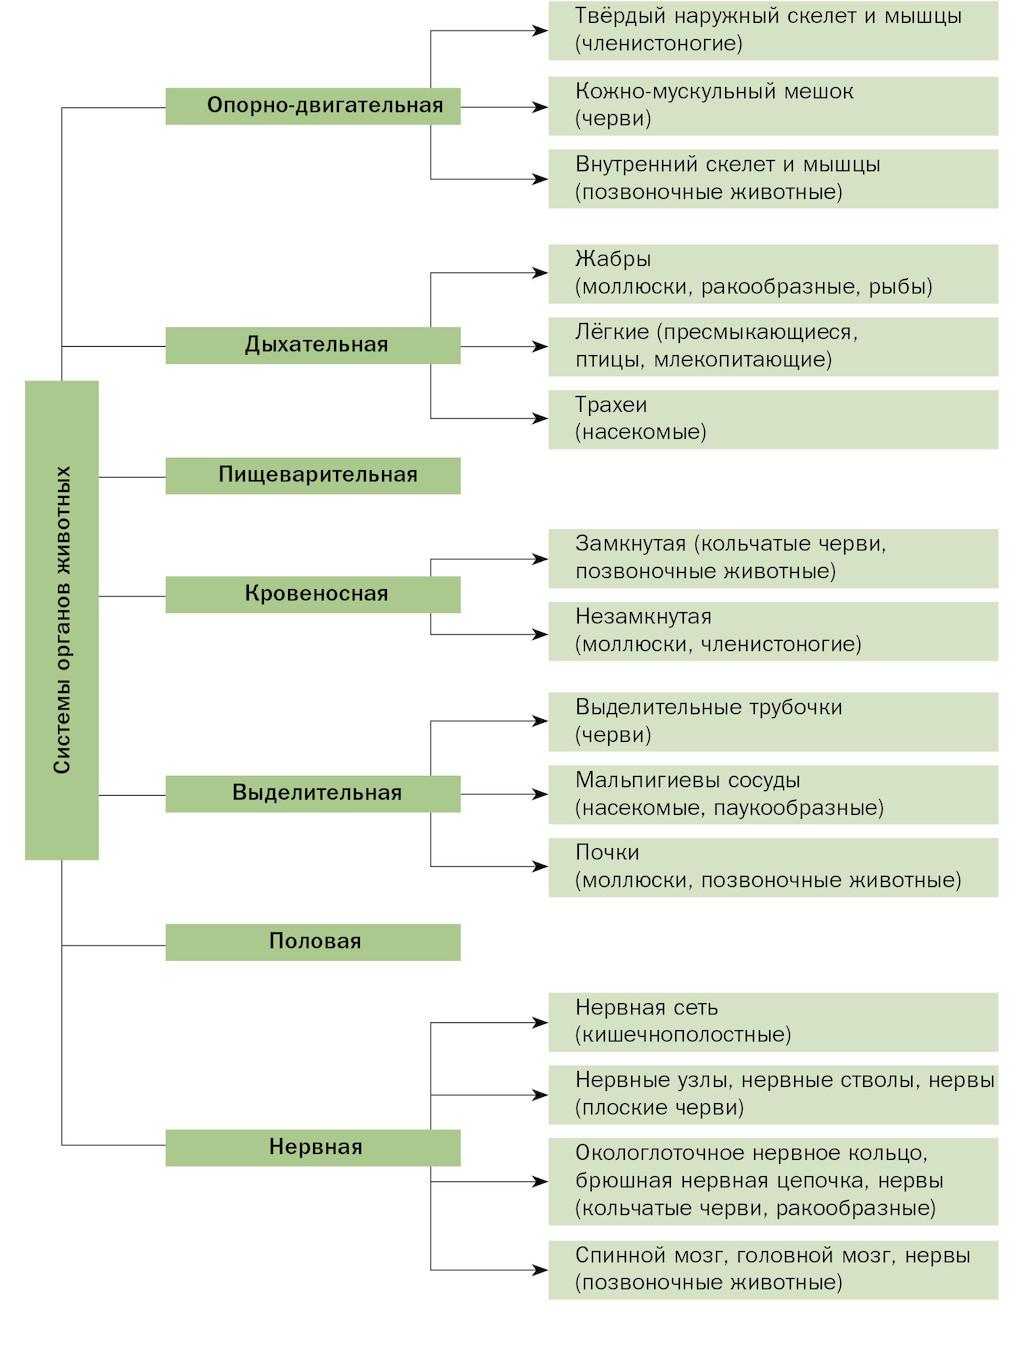 Системы органов животных схема